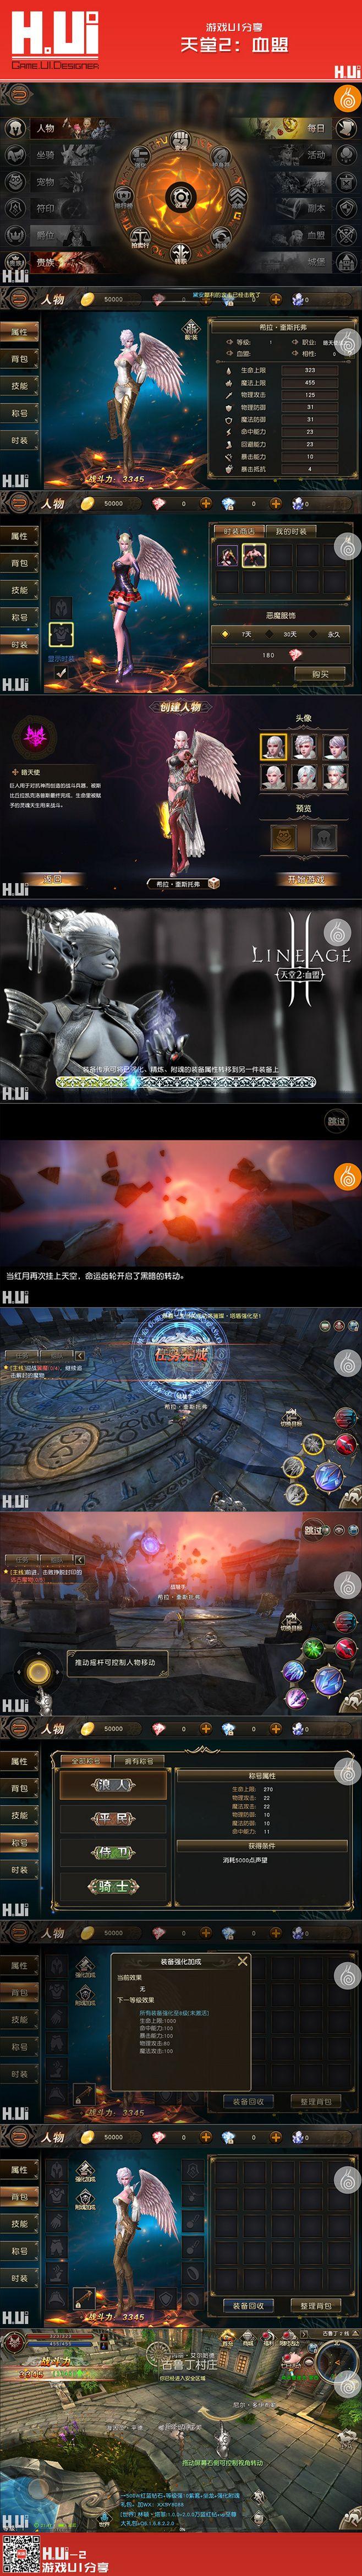 天堂2:血盟 手游 #游戏UI# 绘UI...